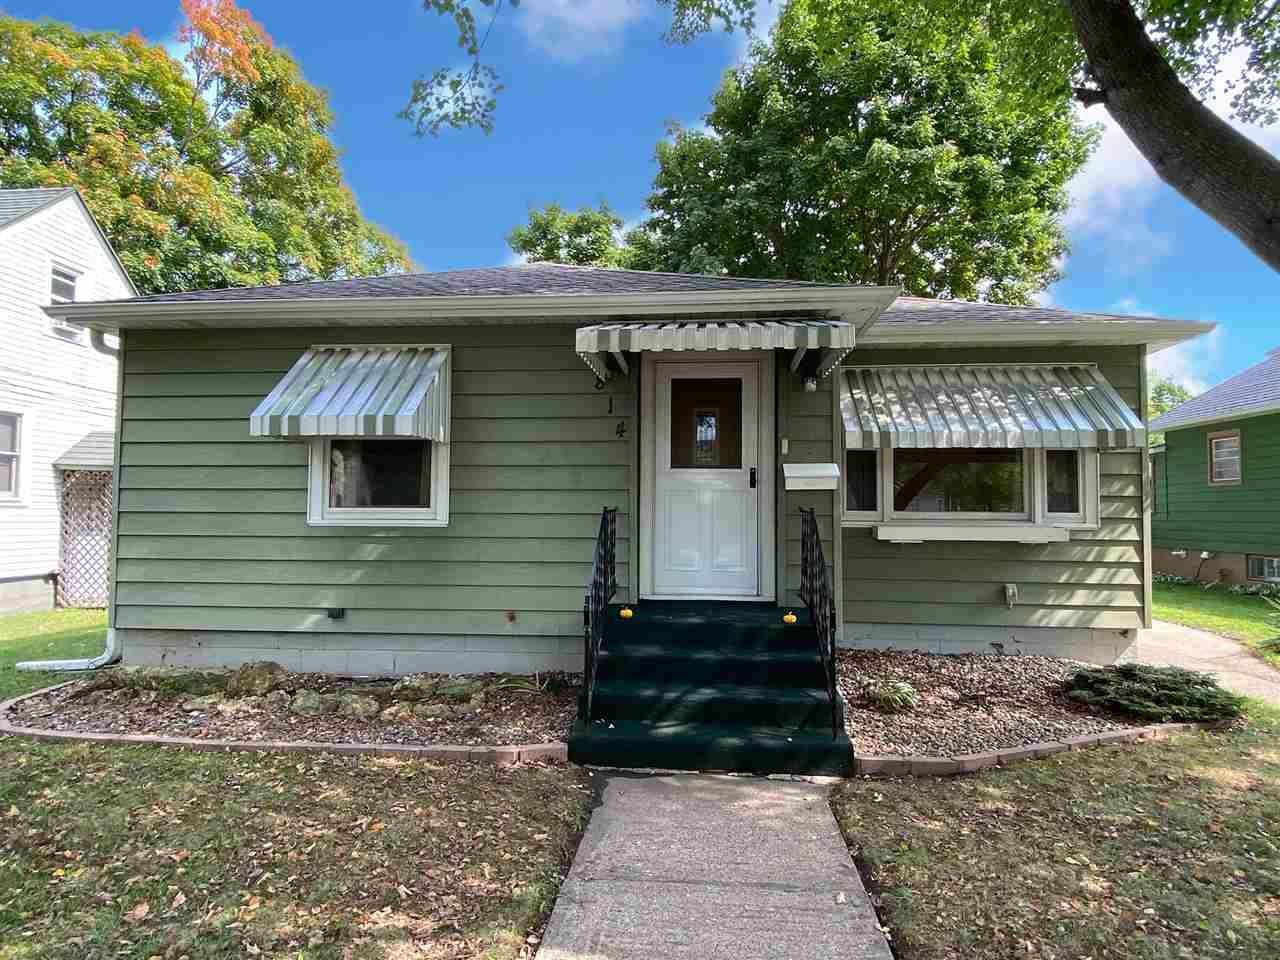 814 N Wacouta Ave, Prairie du Chien, WI 53821 - #: 1893904